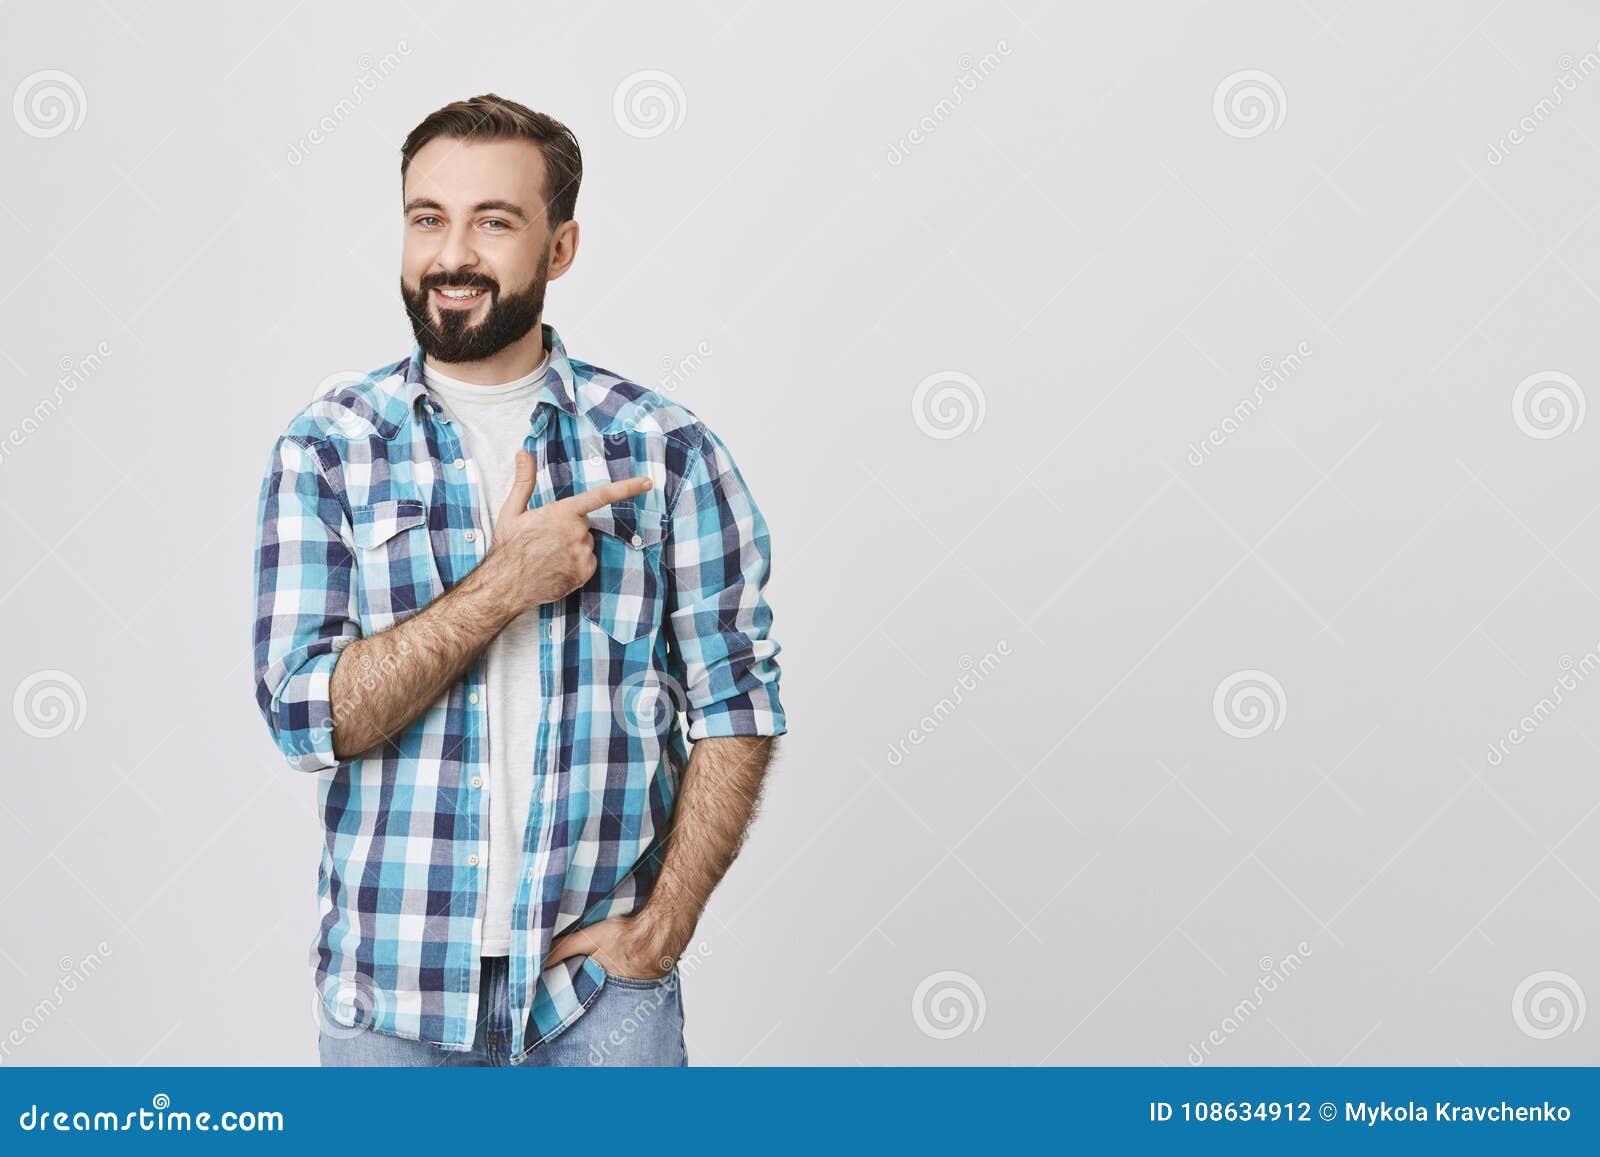 Reizend bärtiger erwachsener Mann im blauen karierten Hemd nach rechts zeigend mit dem Zeigefinger während eine andere Hand in de